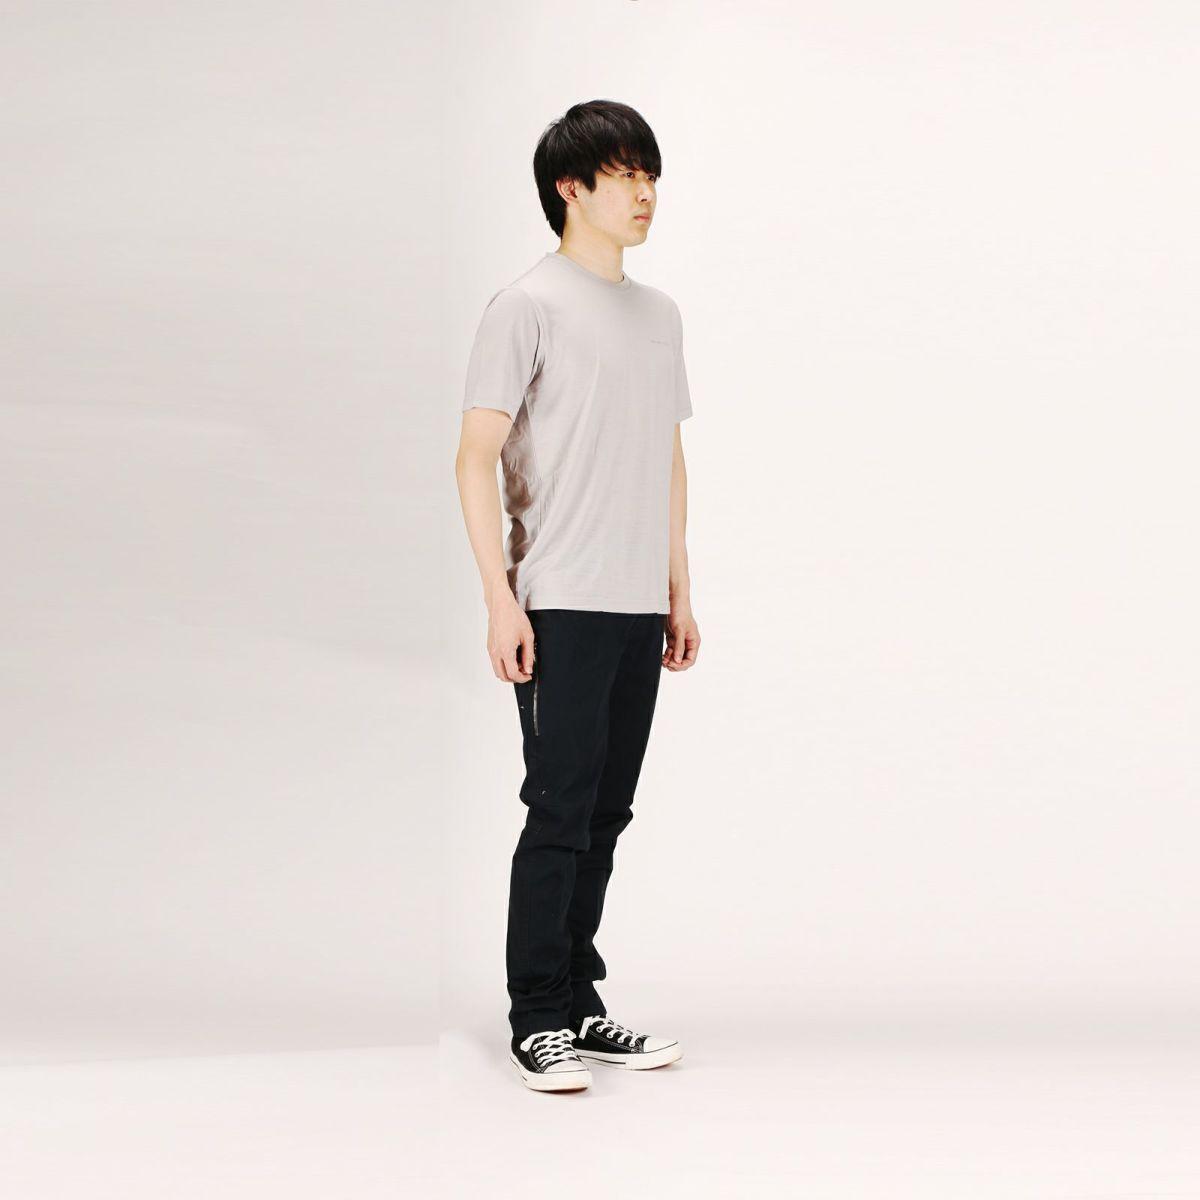 着用イメージ08 [男性モデルのサイズ]身長:168cm 着用サイズ:Lサイズ